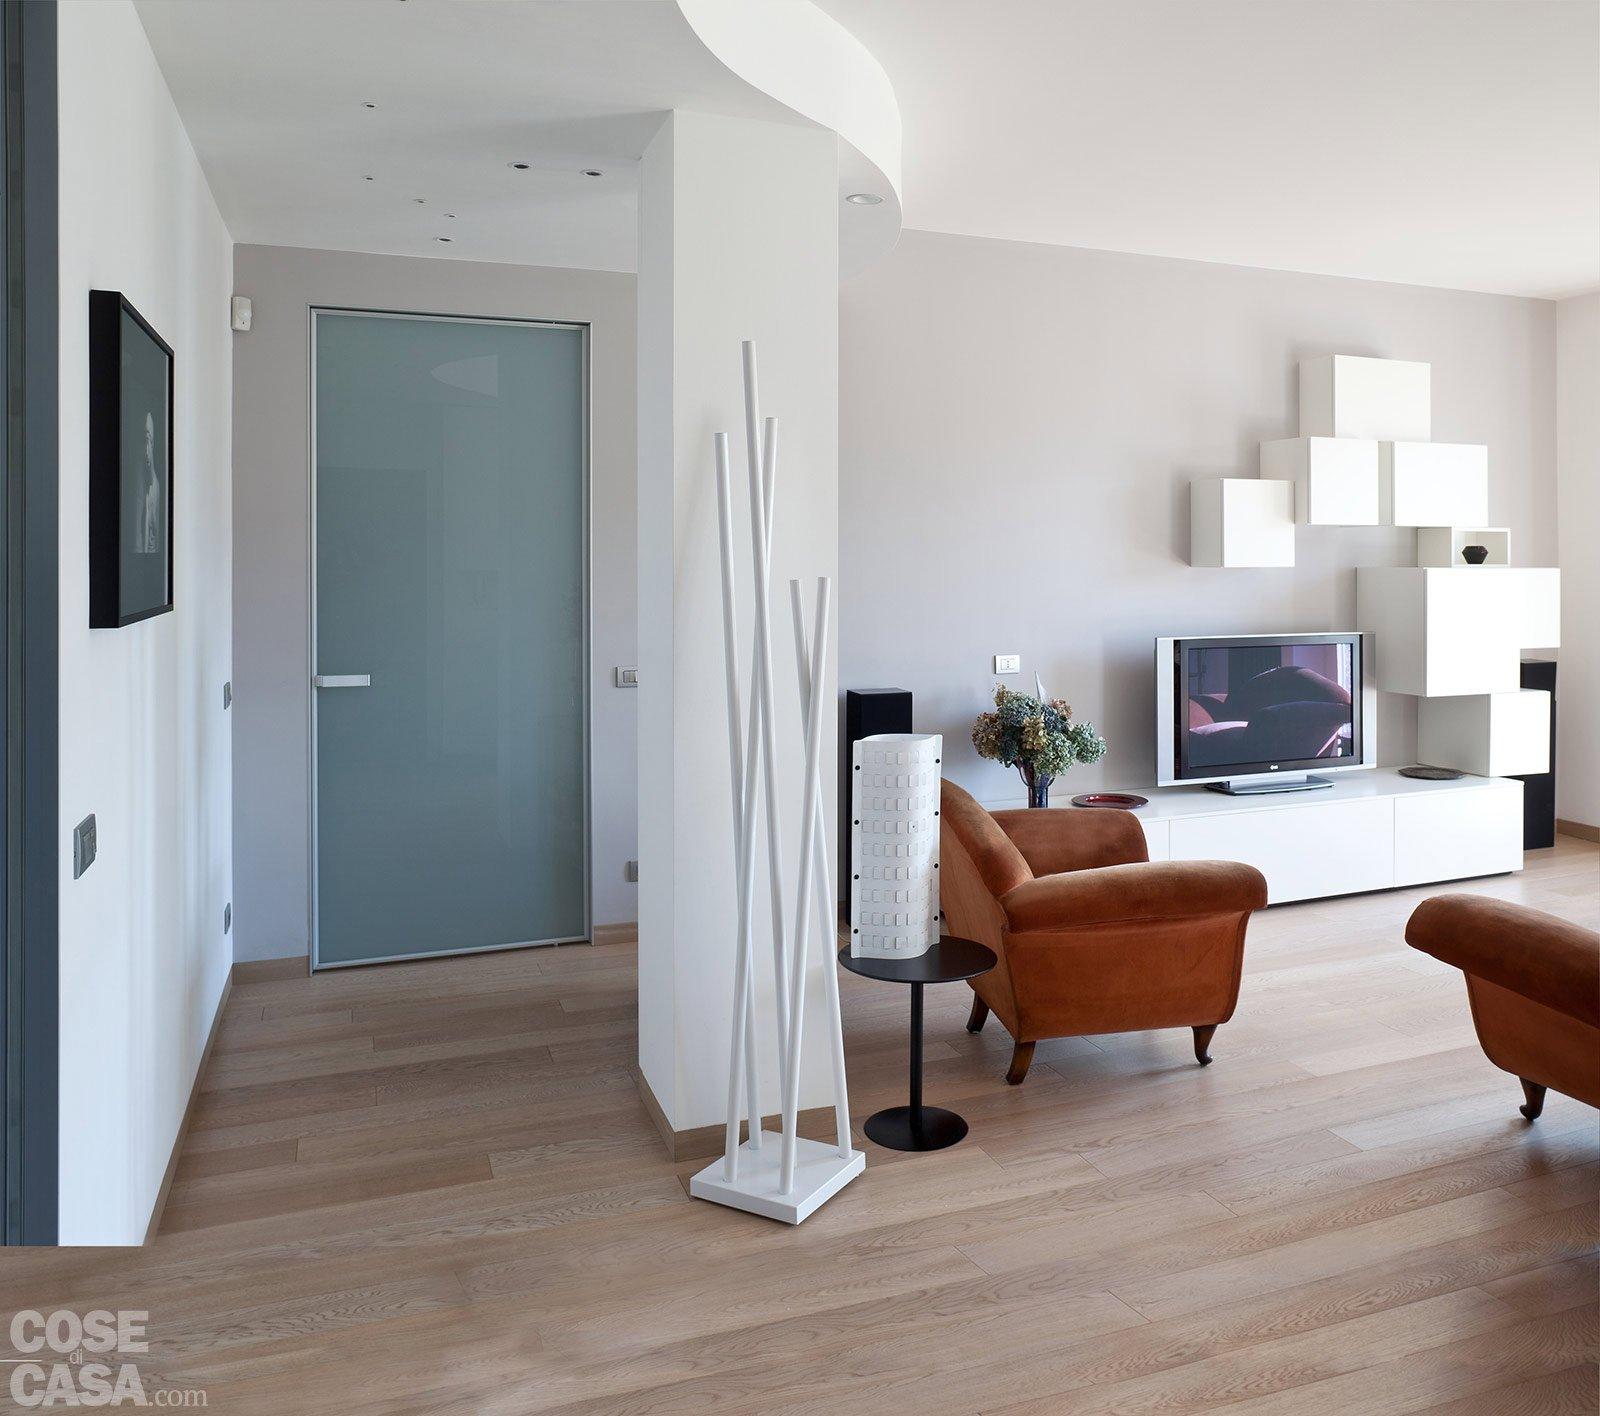 ambienti contemporanei per una casa di taglio tradizionale